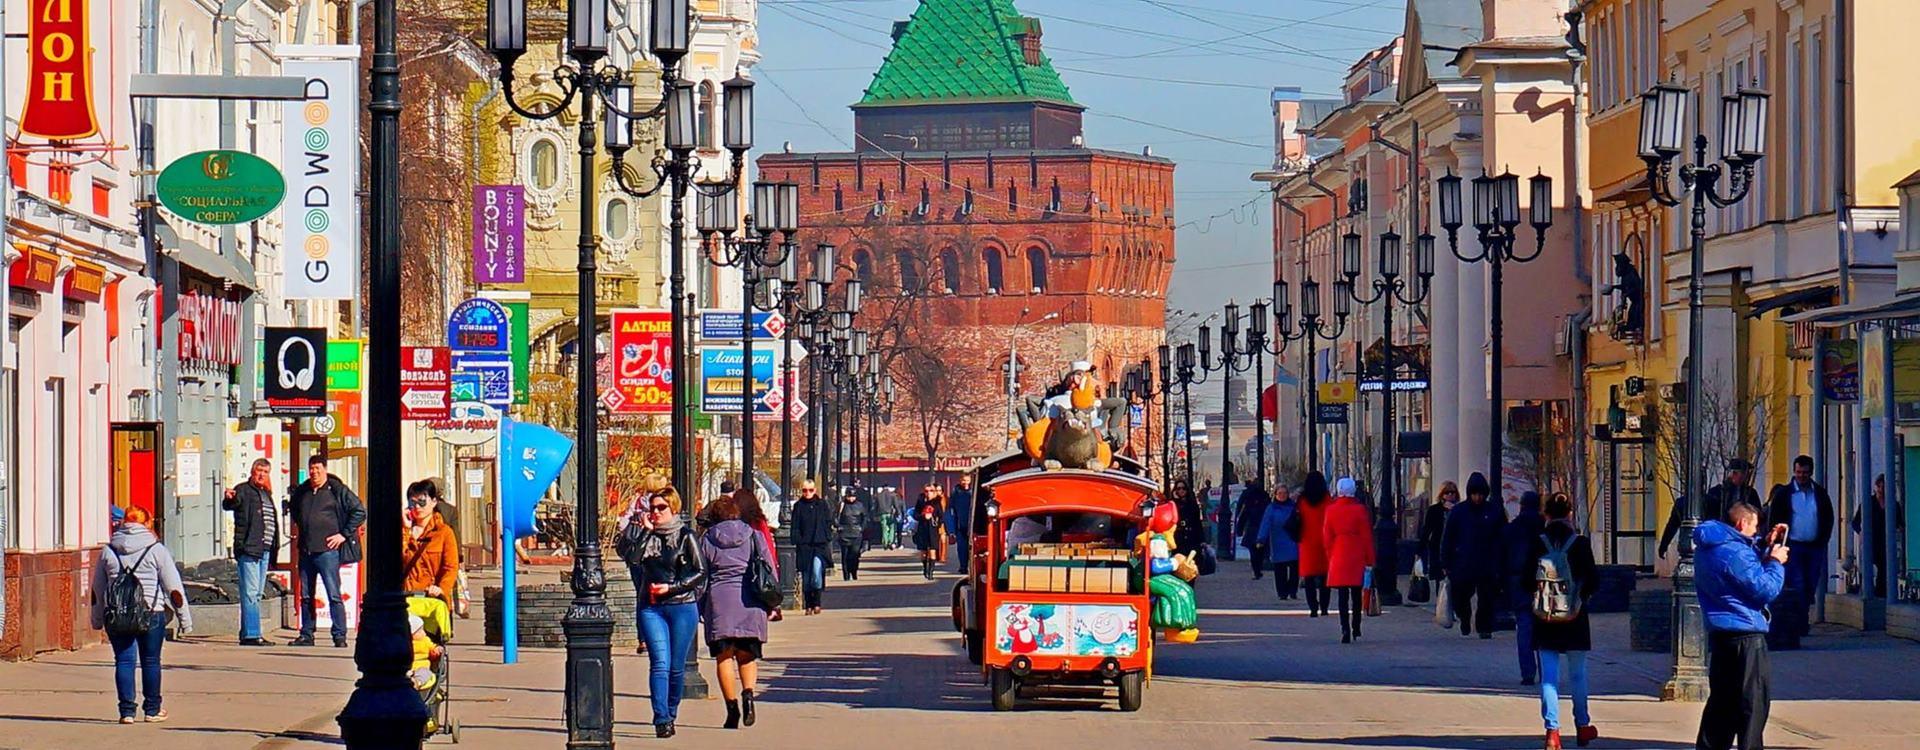 Топ-10 городов России для путешествий: самые интересные места